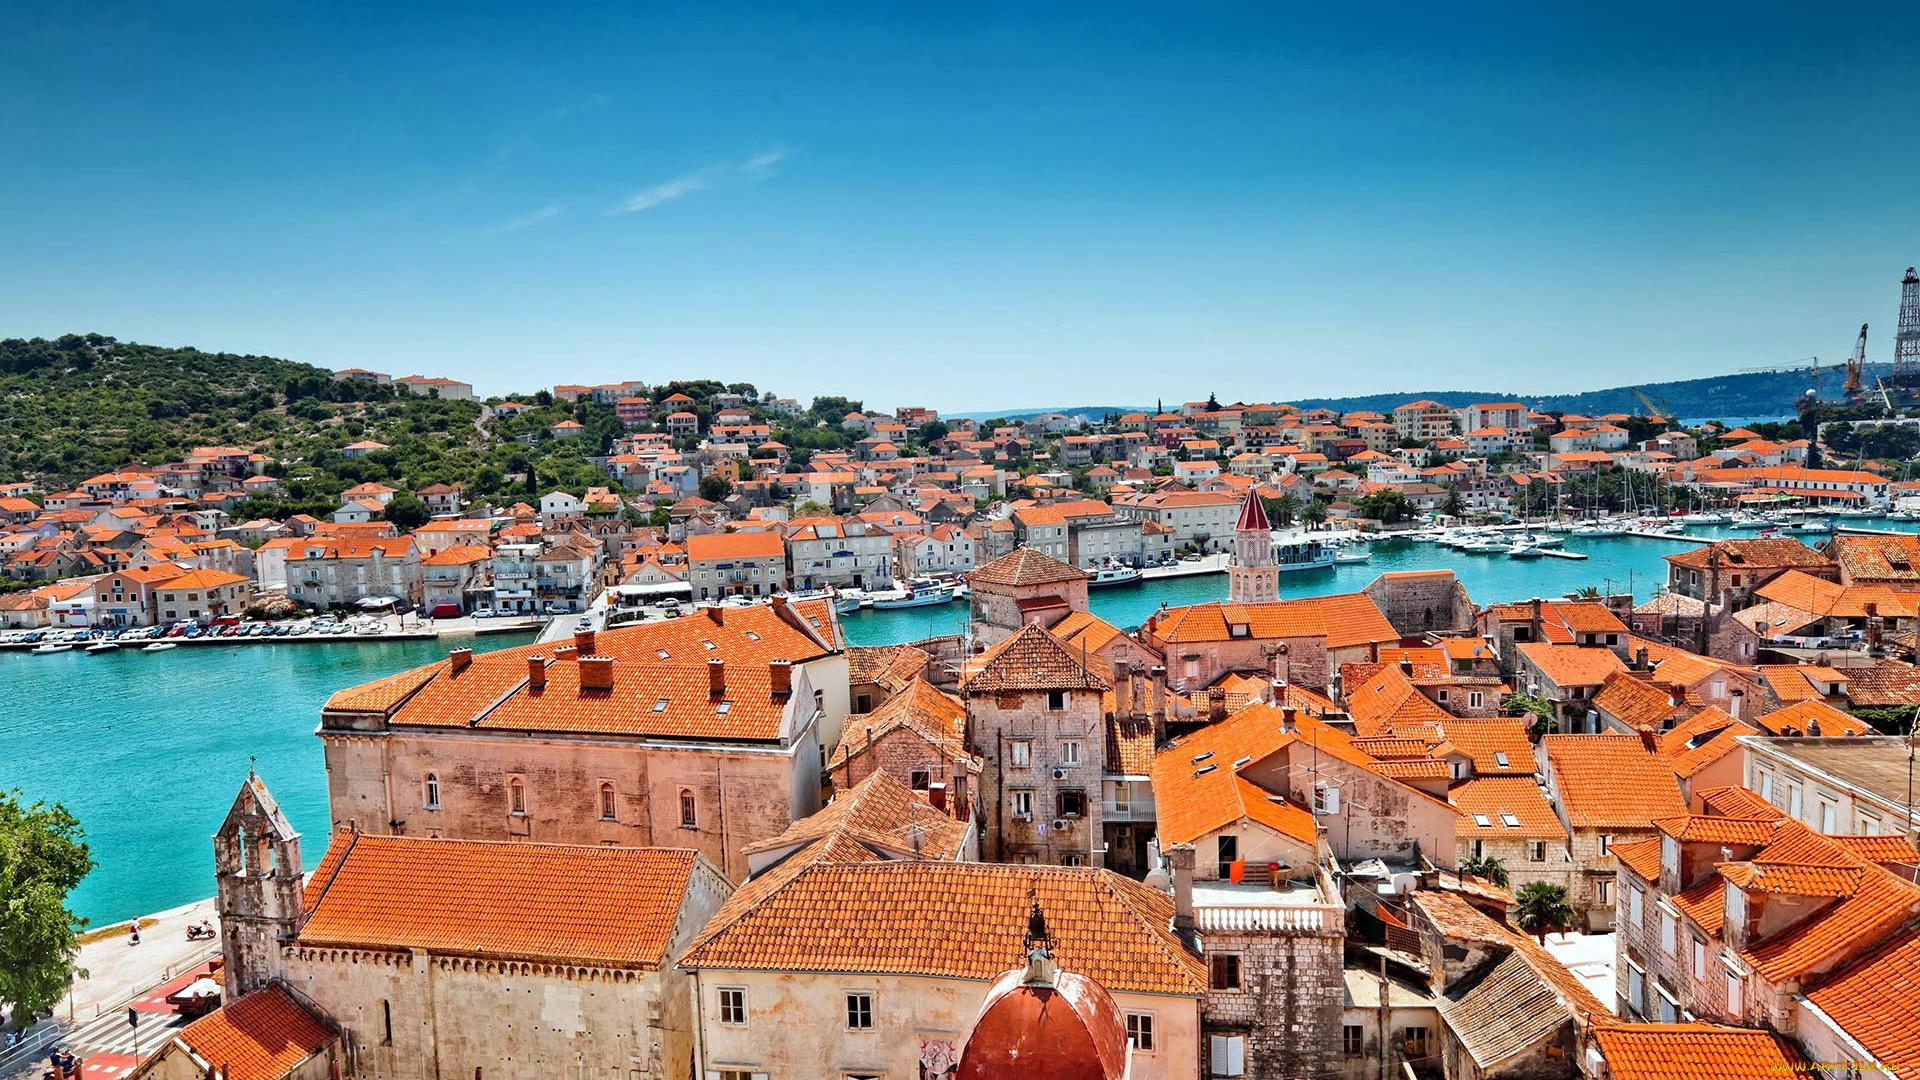 время далось хорватия город фотомодель фотофасады изображение